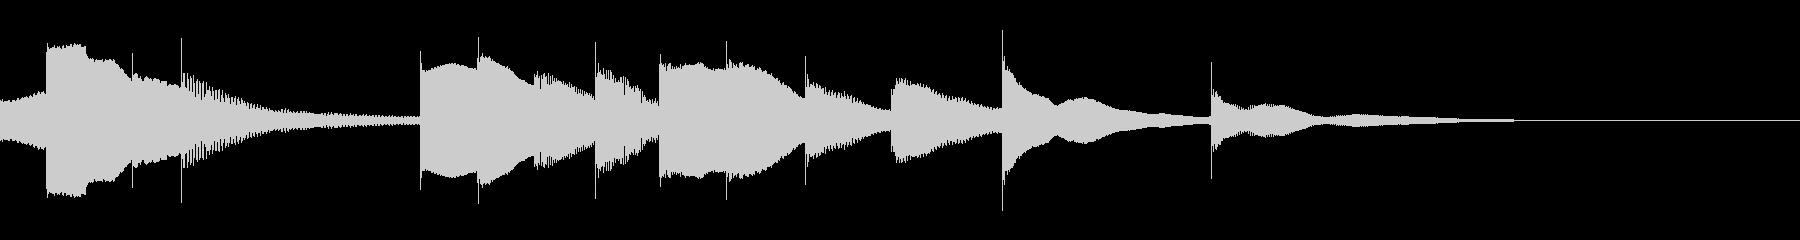 ジングル用オルゴール楽曲05-2の未再生の波形